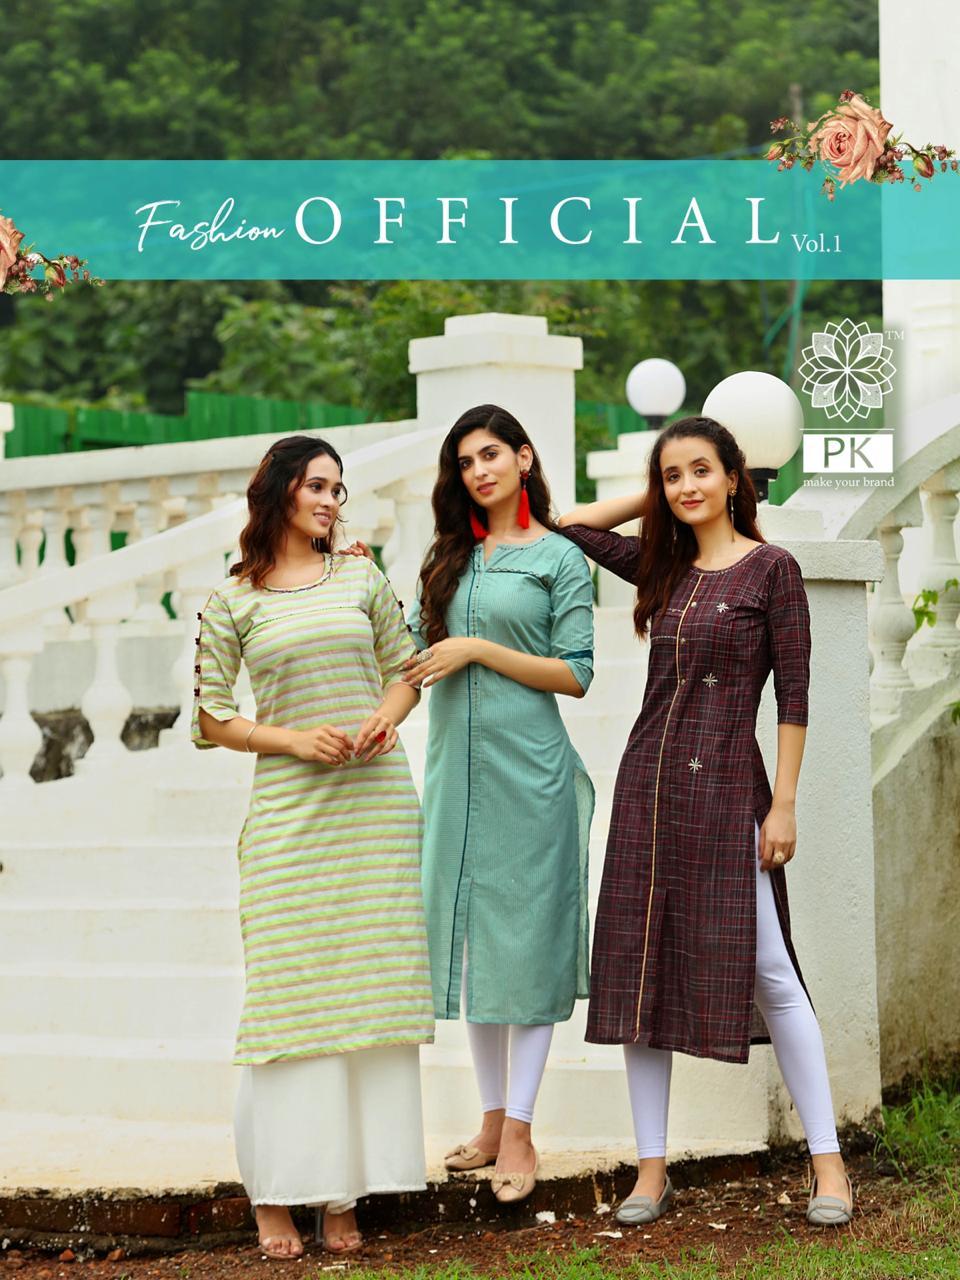 Pk Fashion Official Vol 1 Kurti Wholesale Catalog 9 Pcs 1 - Pk Fashion Official Vol 1 Kurti Wholesale Catalog 9 Pcs